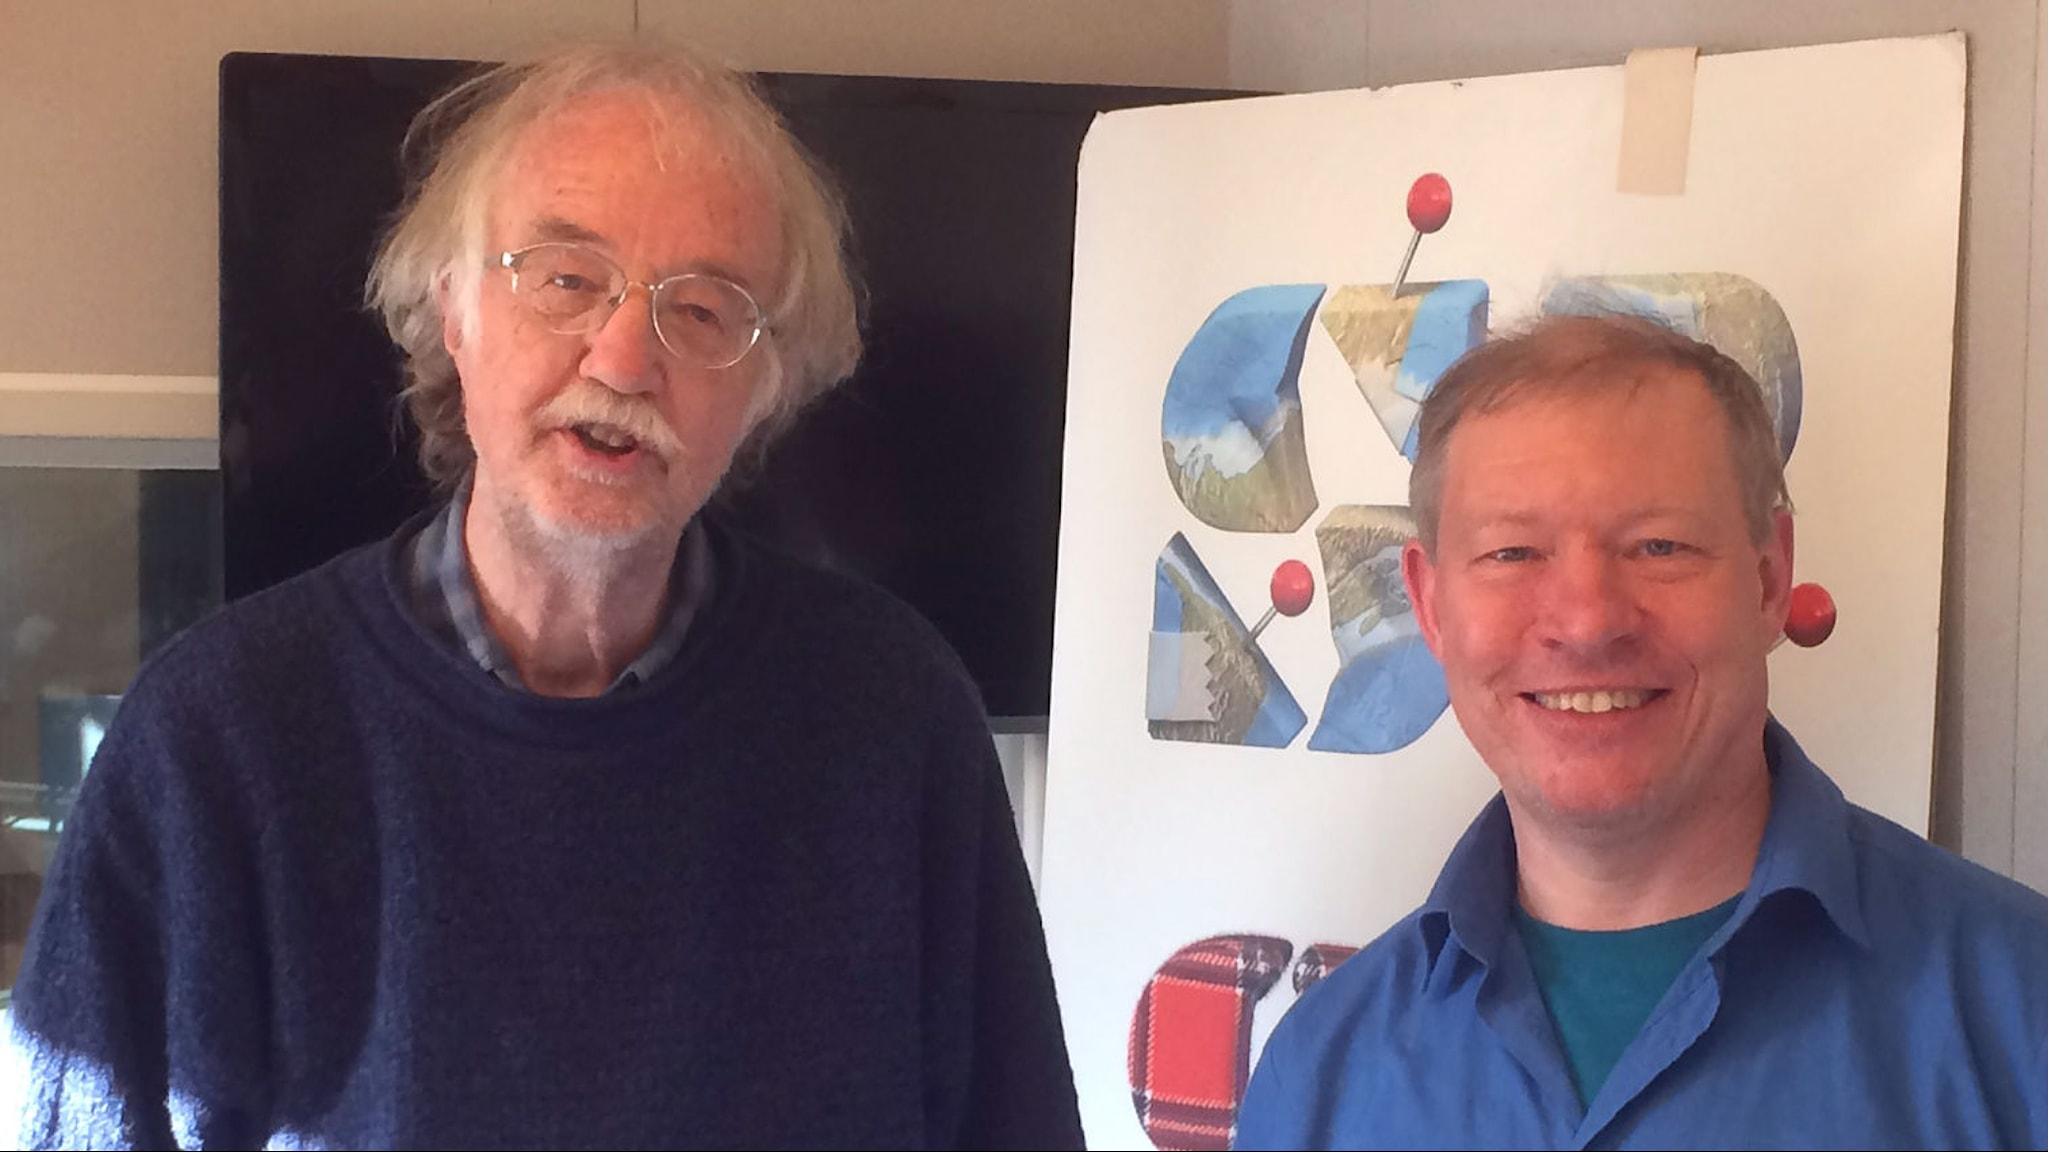 Matematikhistoriker Staffan Rodhe och rymdforskaren Anders Eriksson i studion.